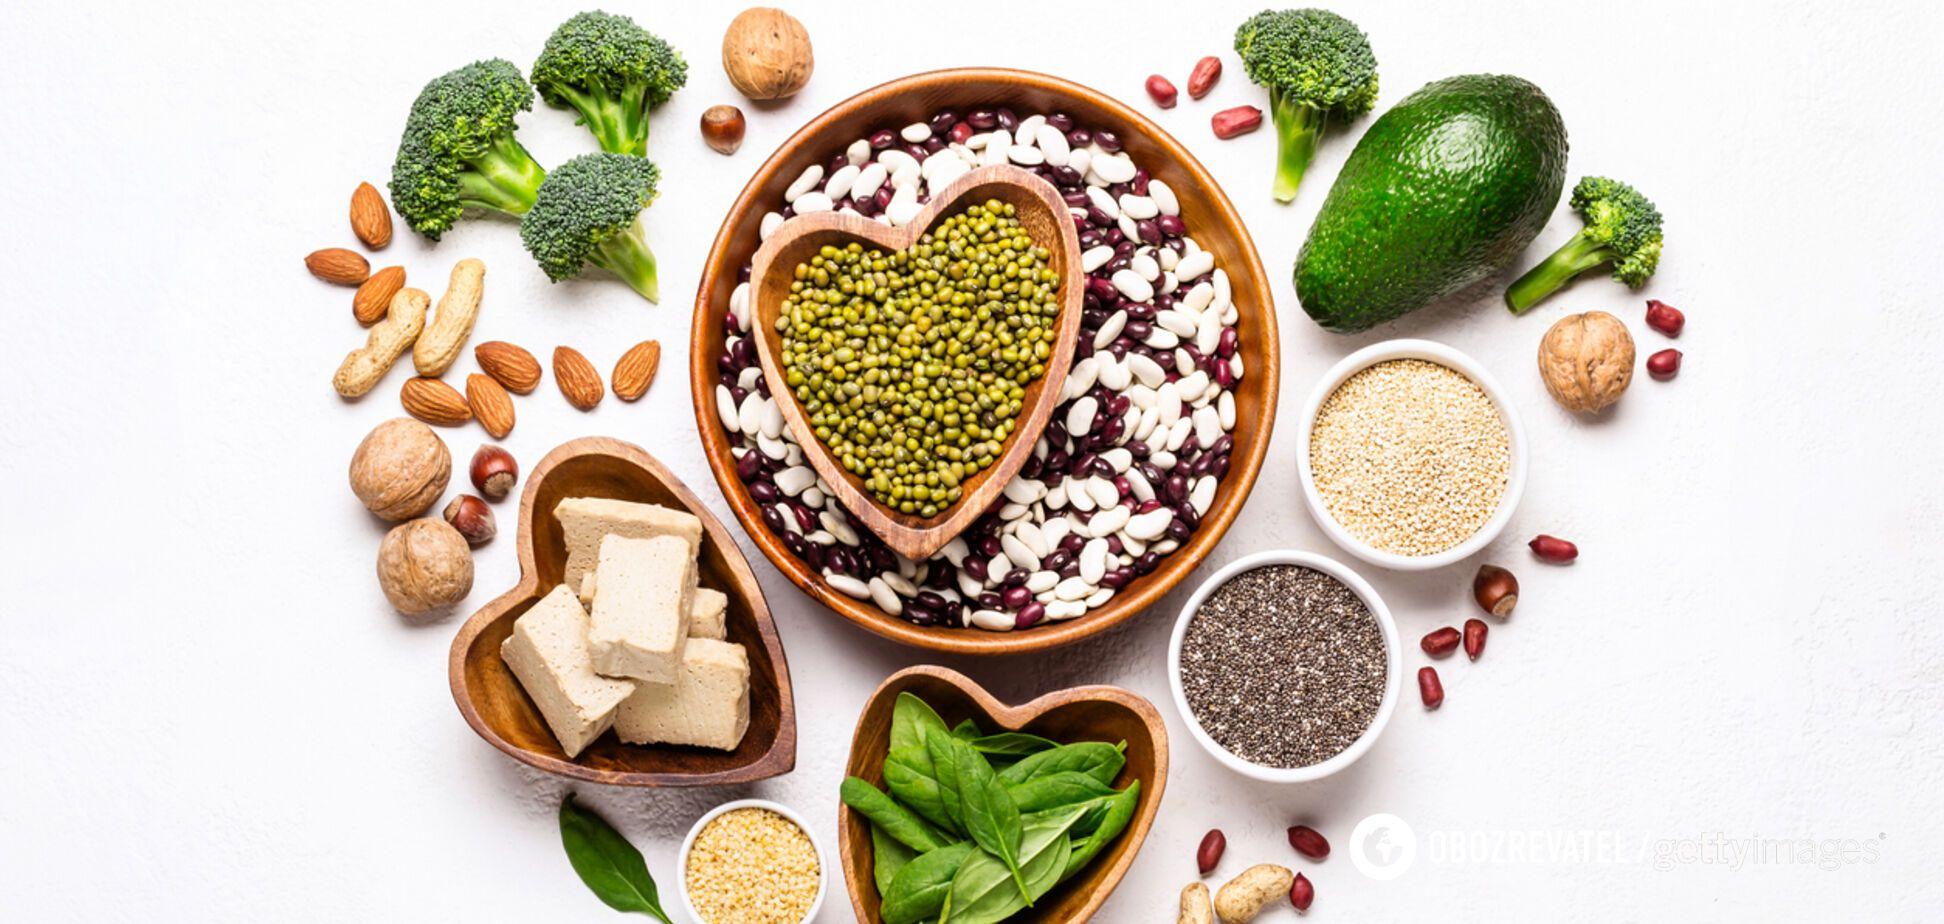 Стало известно, какой продукт снижает риск сердечных заболеваний